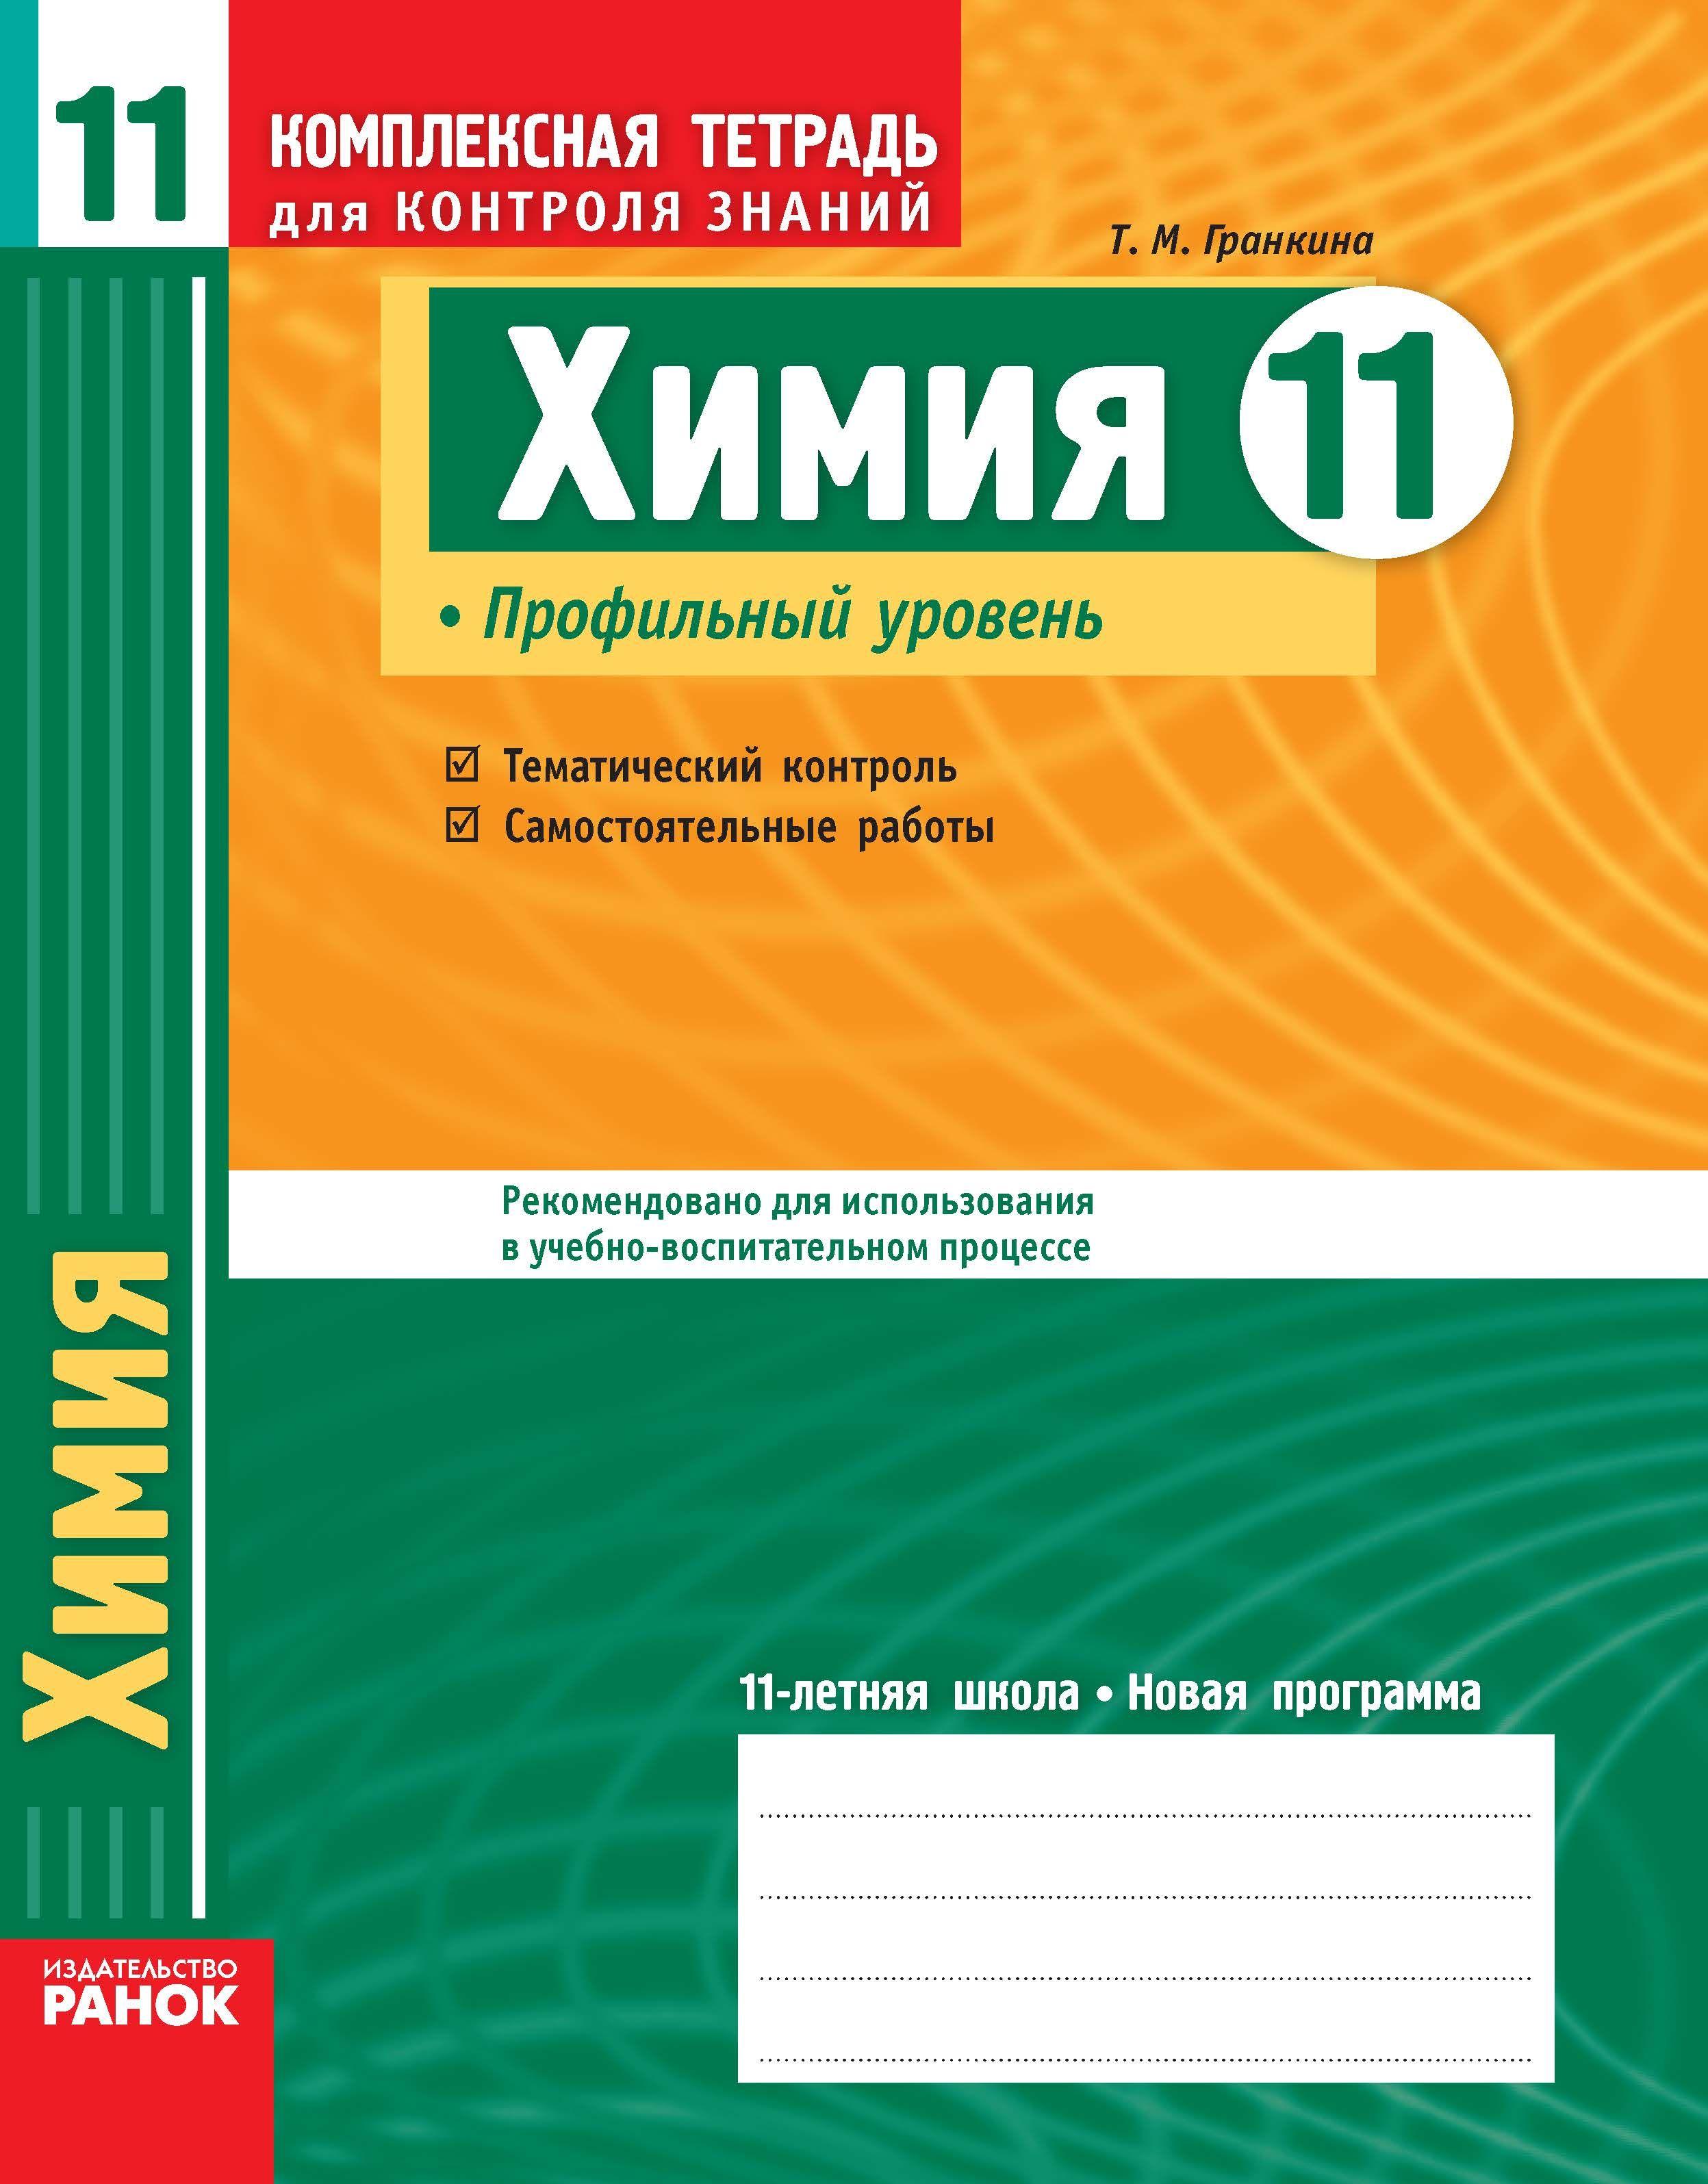 Решебники комплексных тетрадей